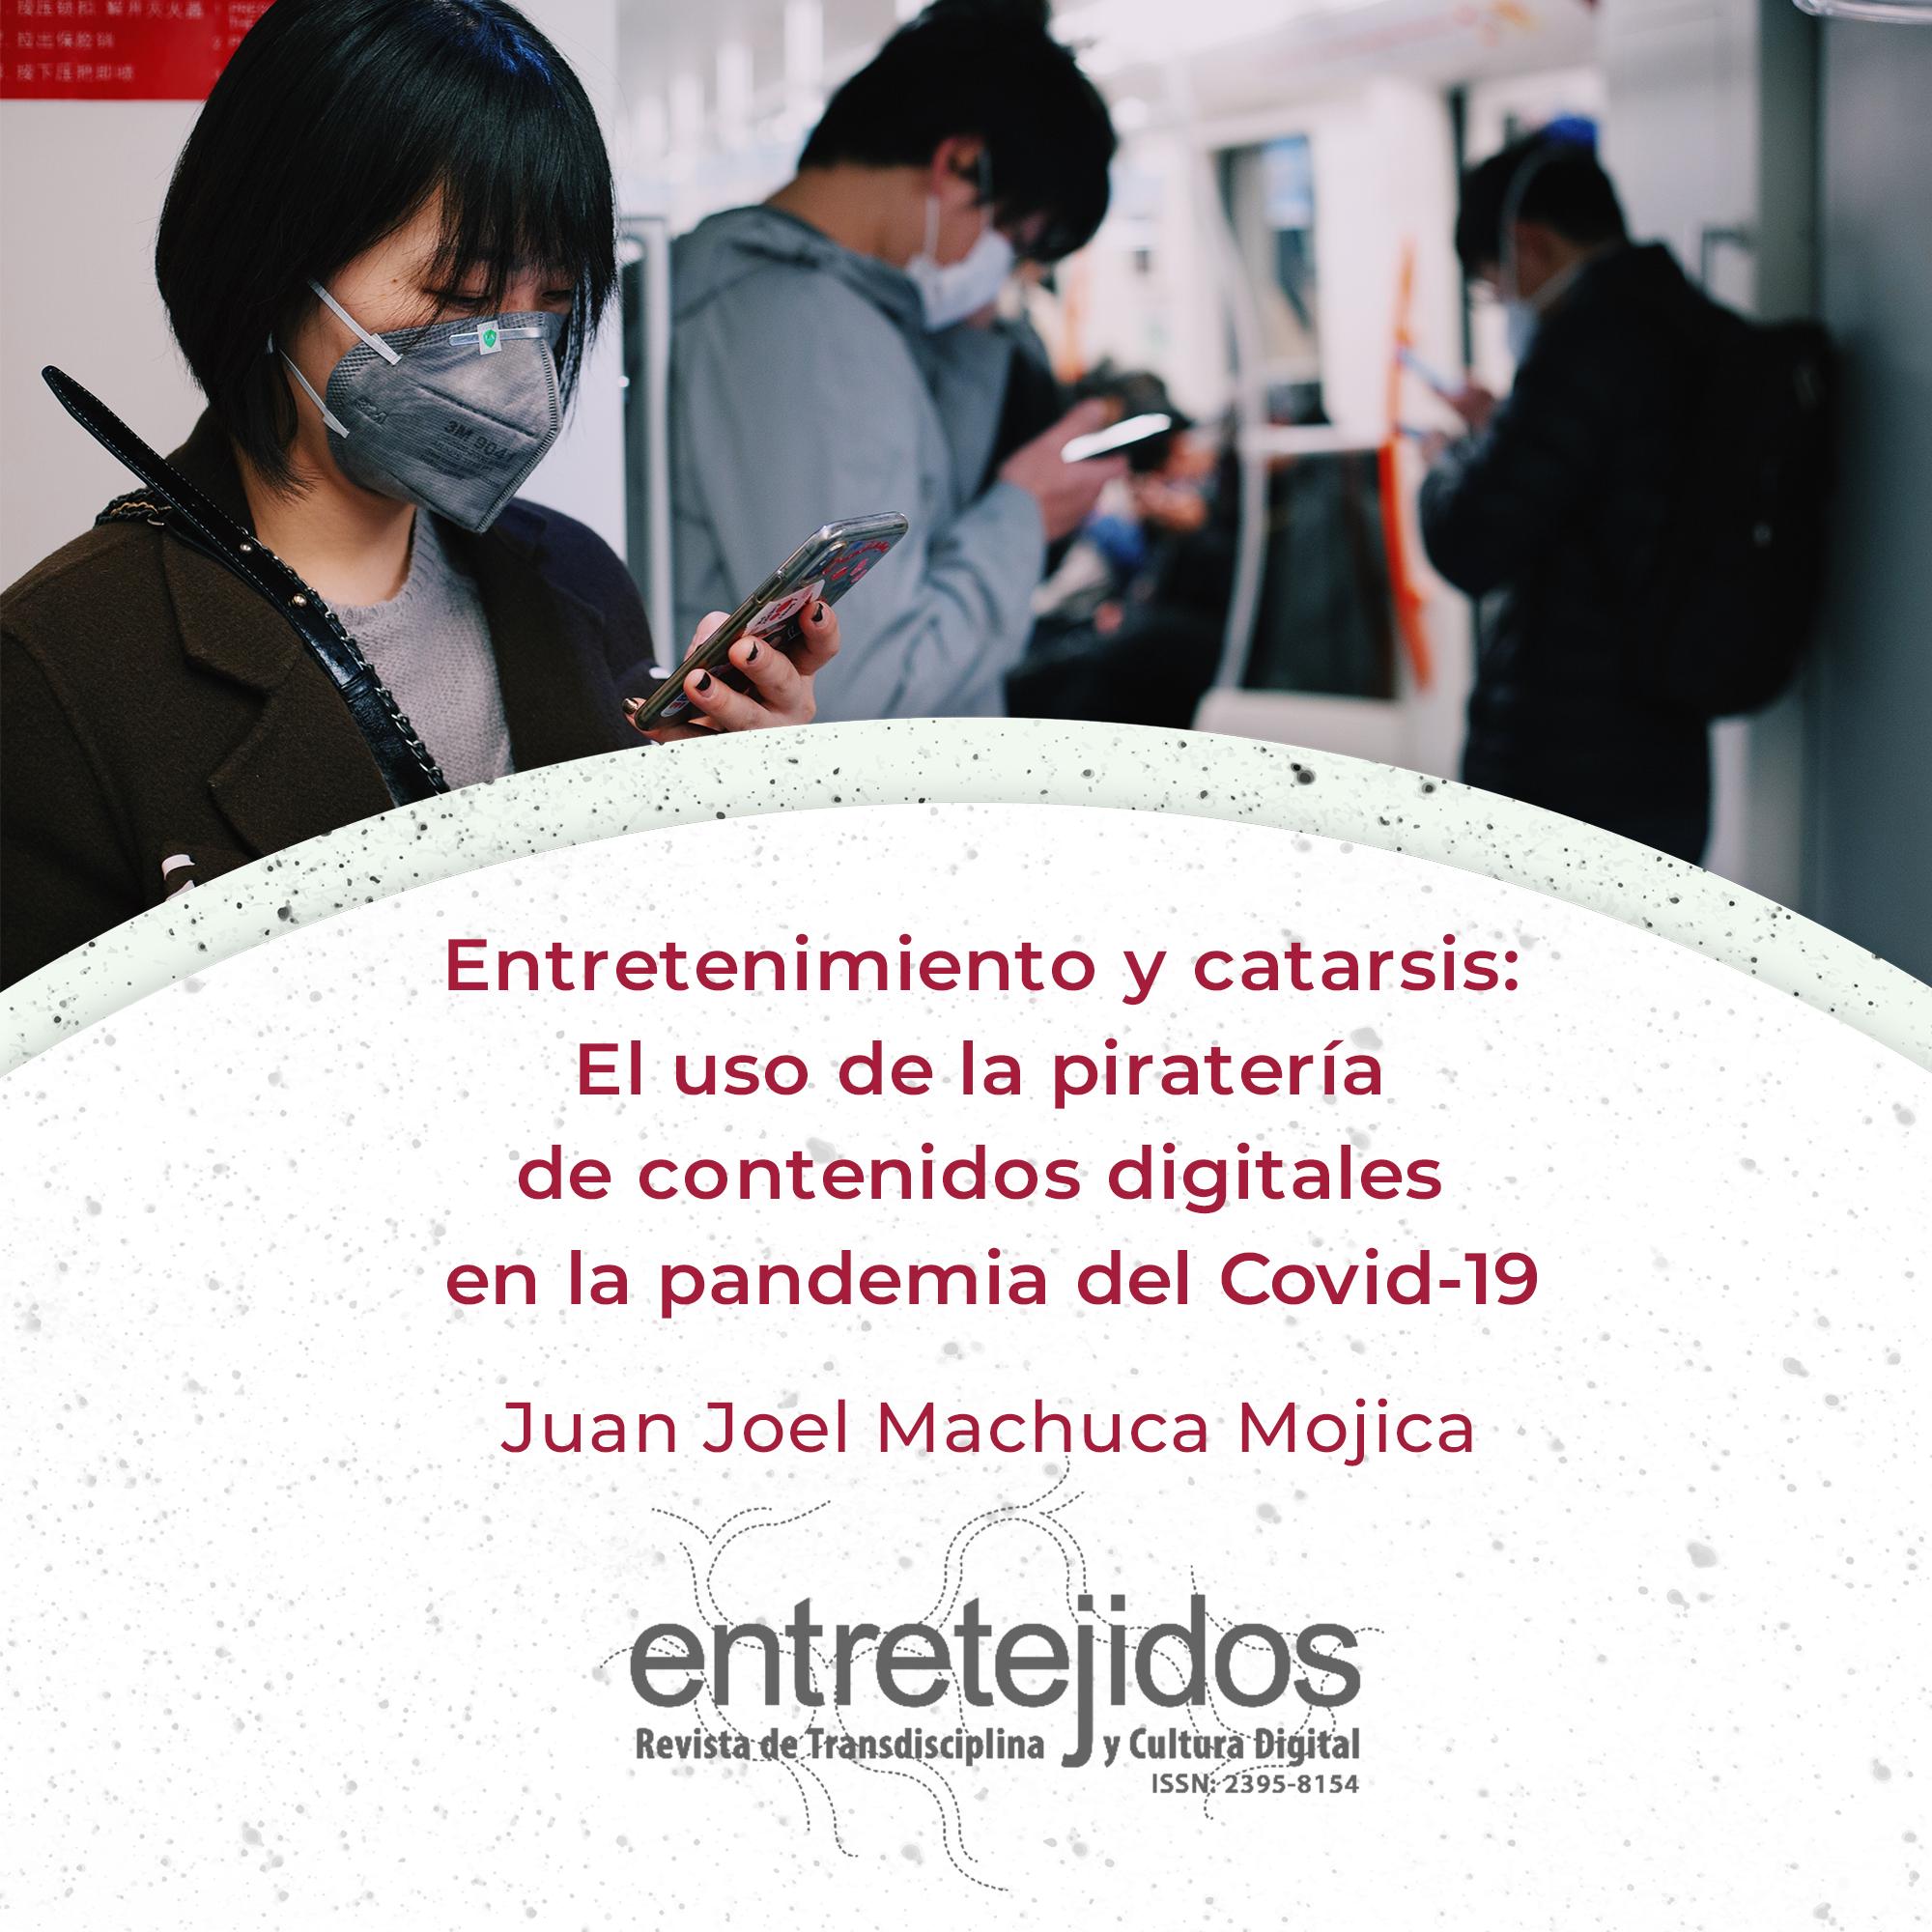 Entretenimiento y catarsis: El uso de la piratería de contenidos digitales en la pandemia del Covid-19